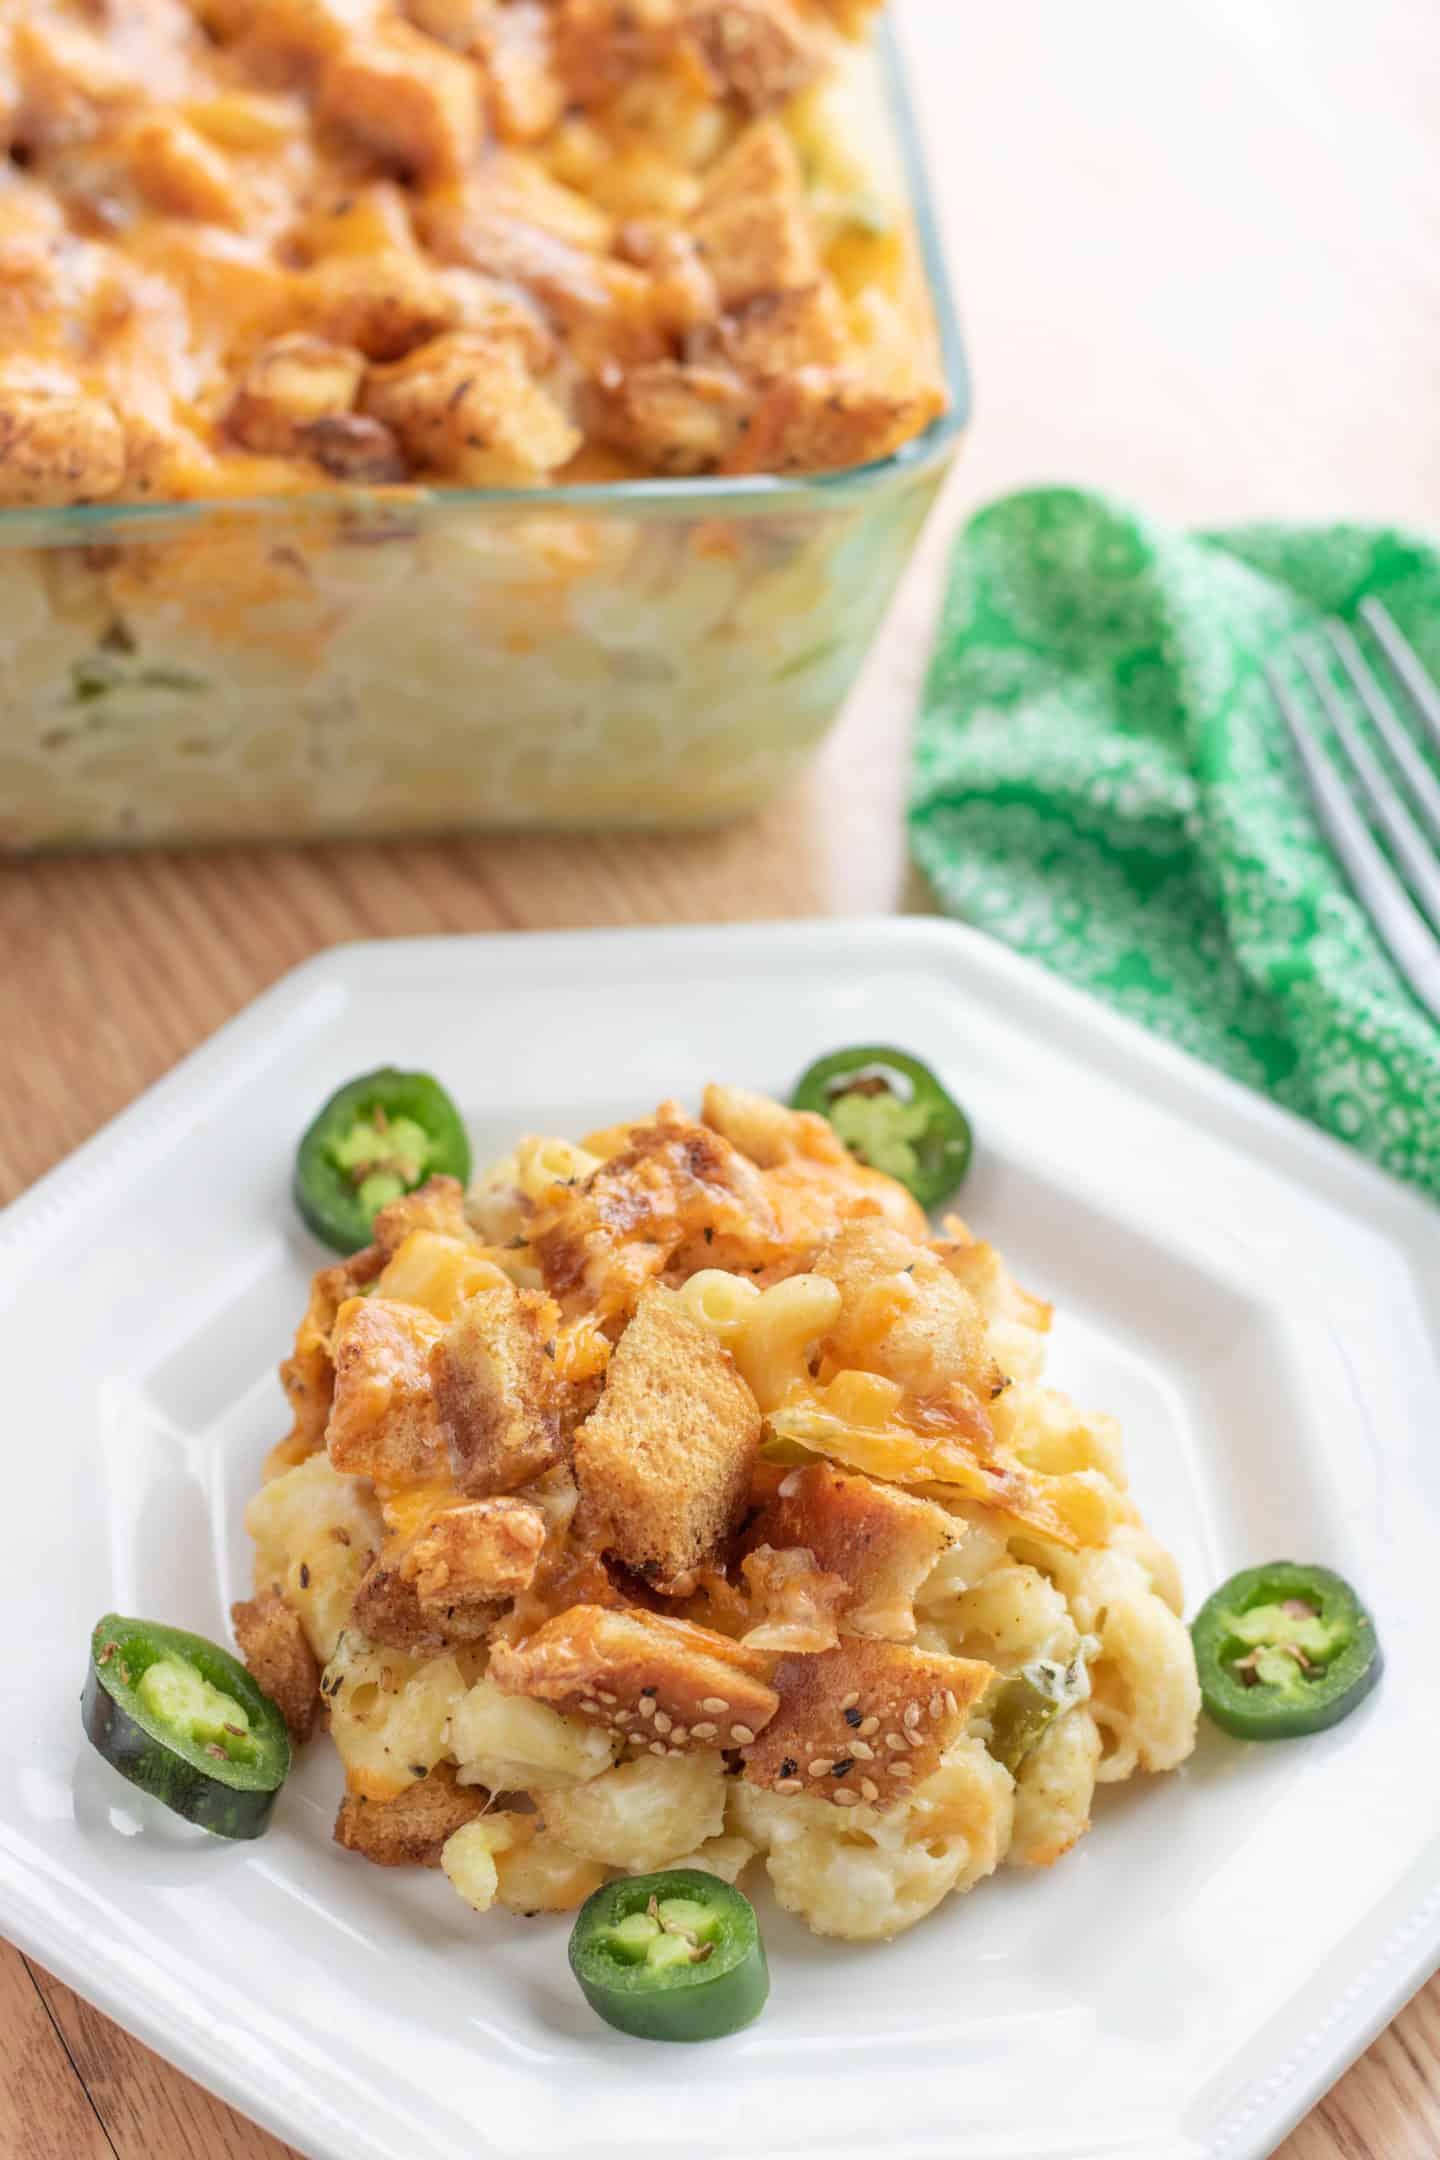 Jalapeno Popper Baked Macaroni & Cheese